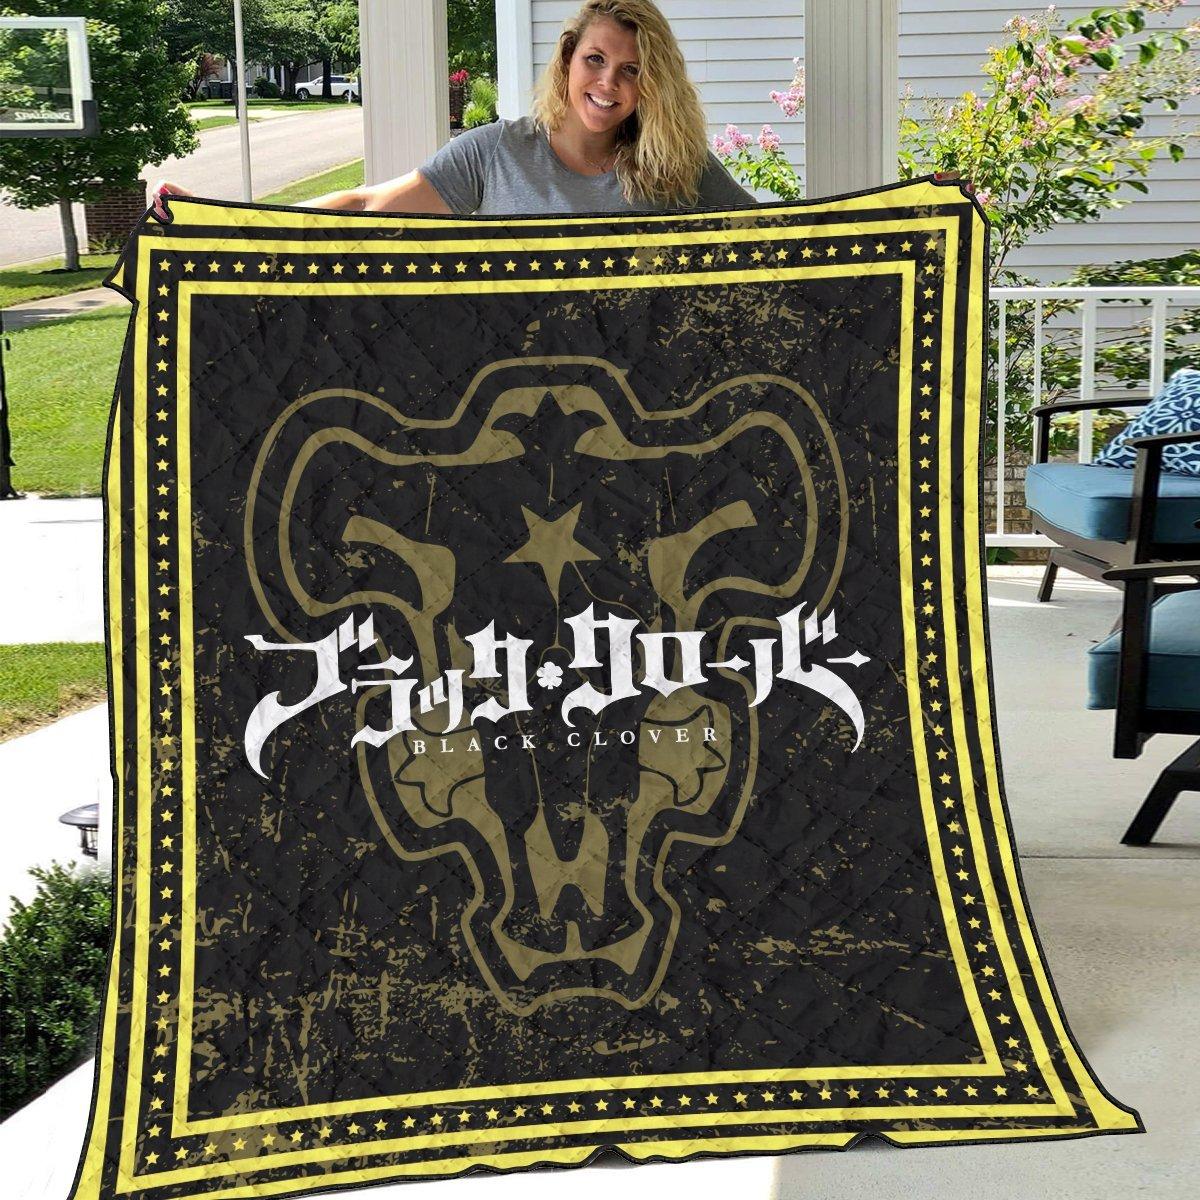 black clover bulls quilt blanket 190996 - Otaku Treat